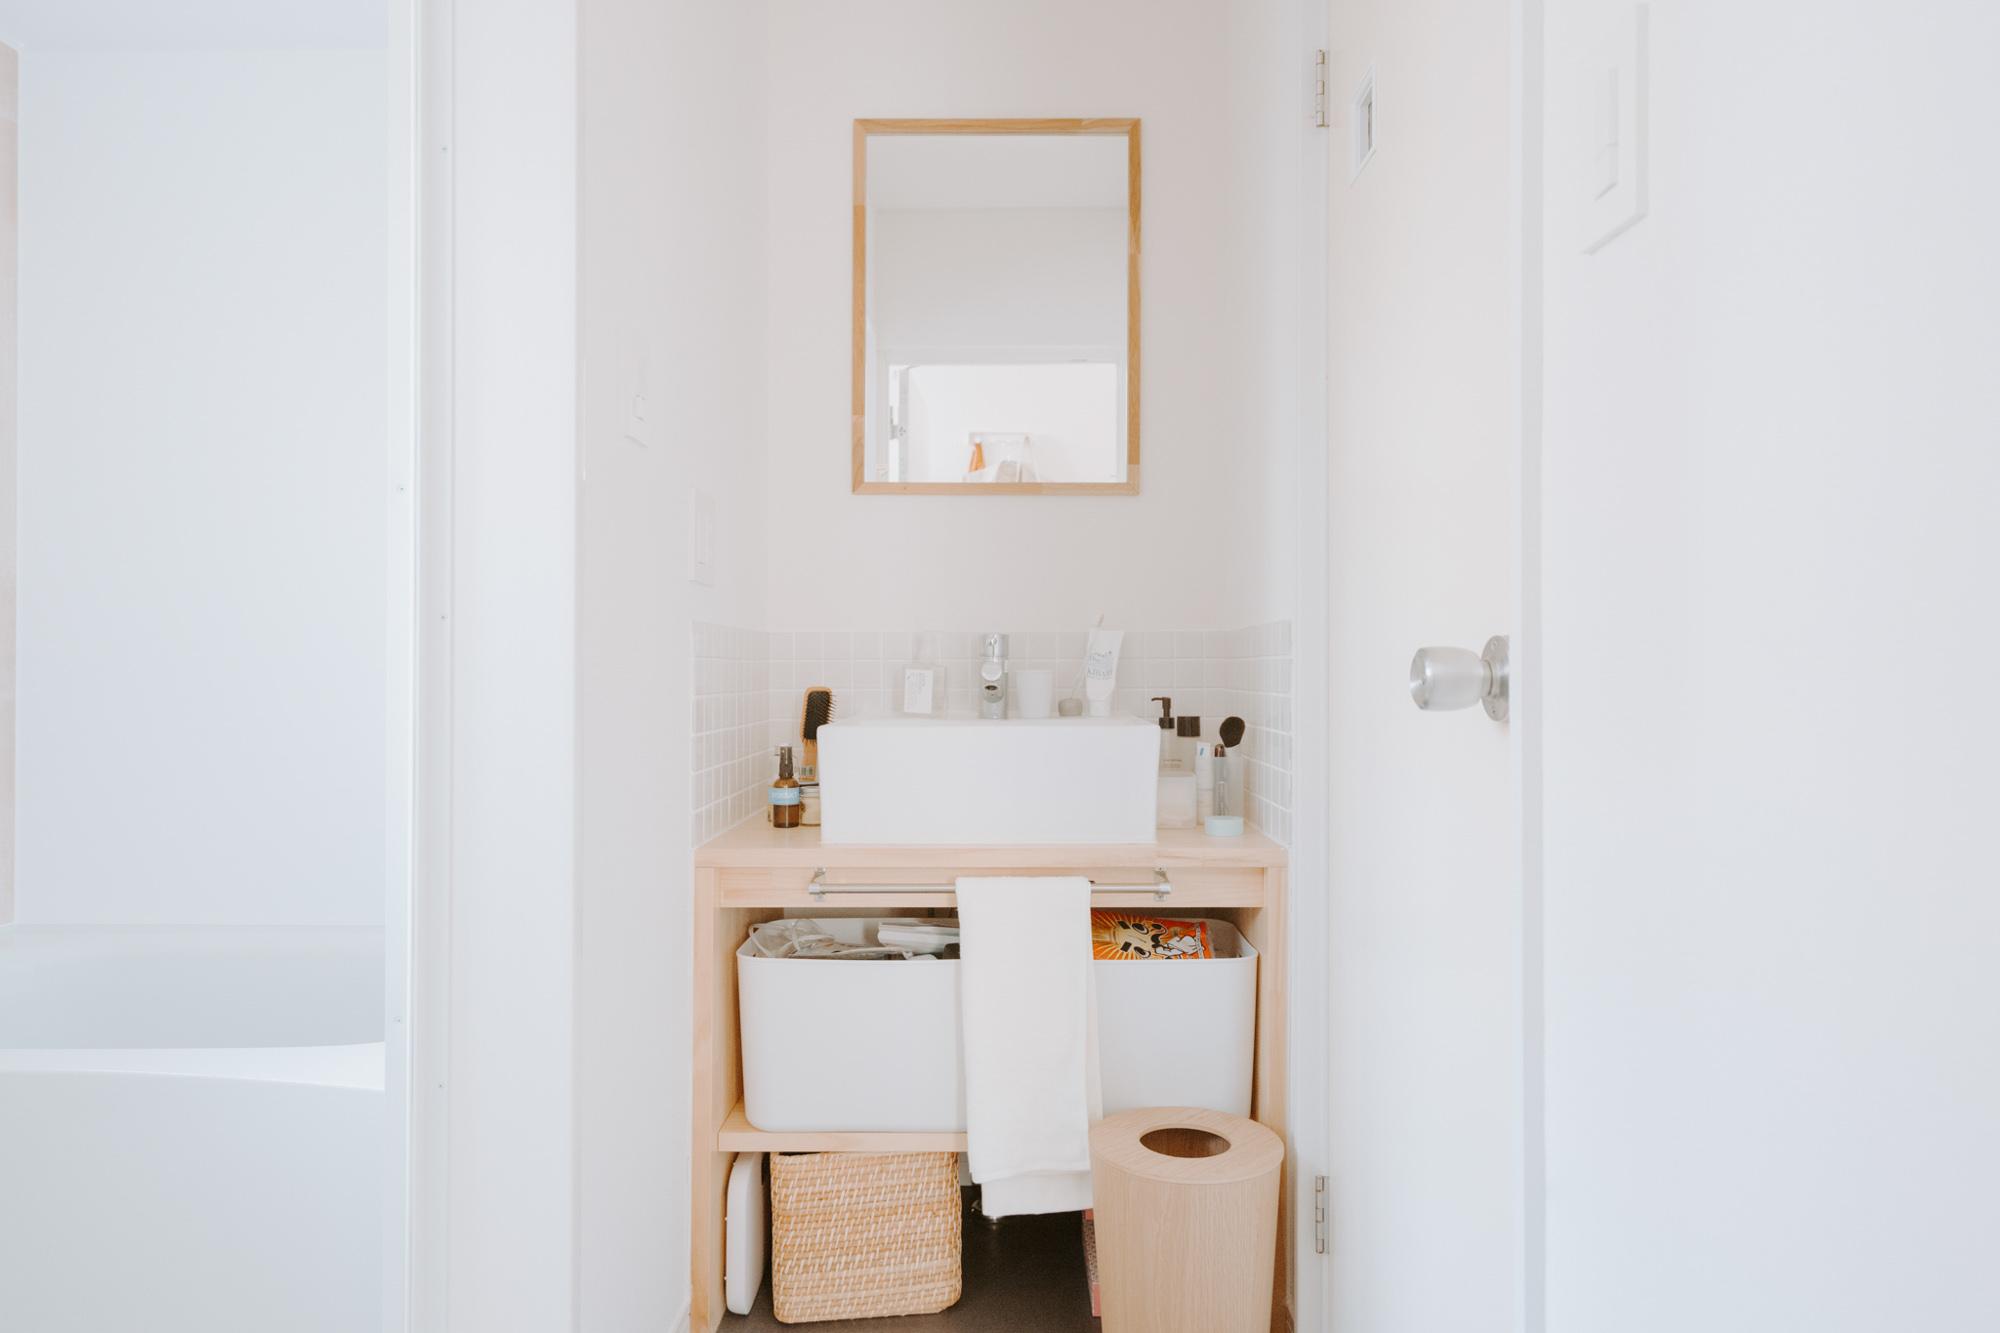 オープンタイプの収納があるこちらのお部屋では、白やラタンなど清潔感のあるアイテムで揃えて、すっきりと見せています。